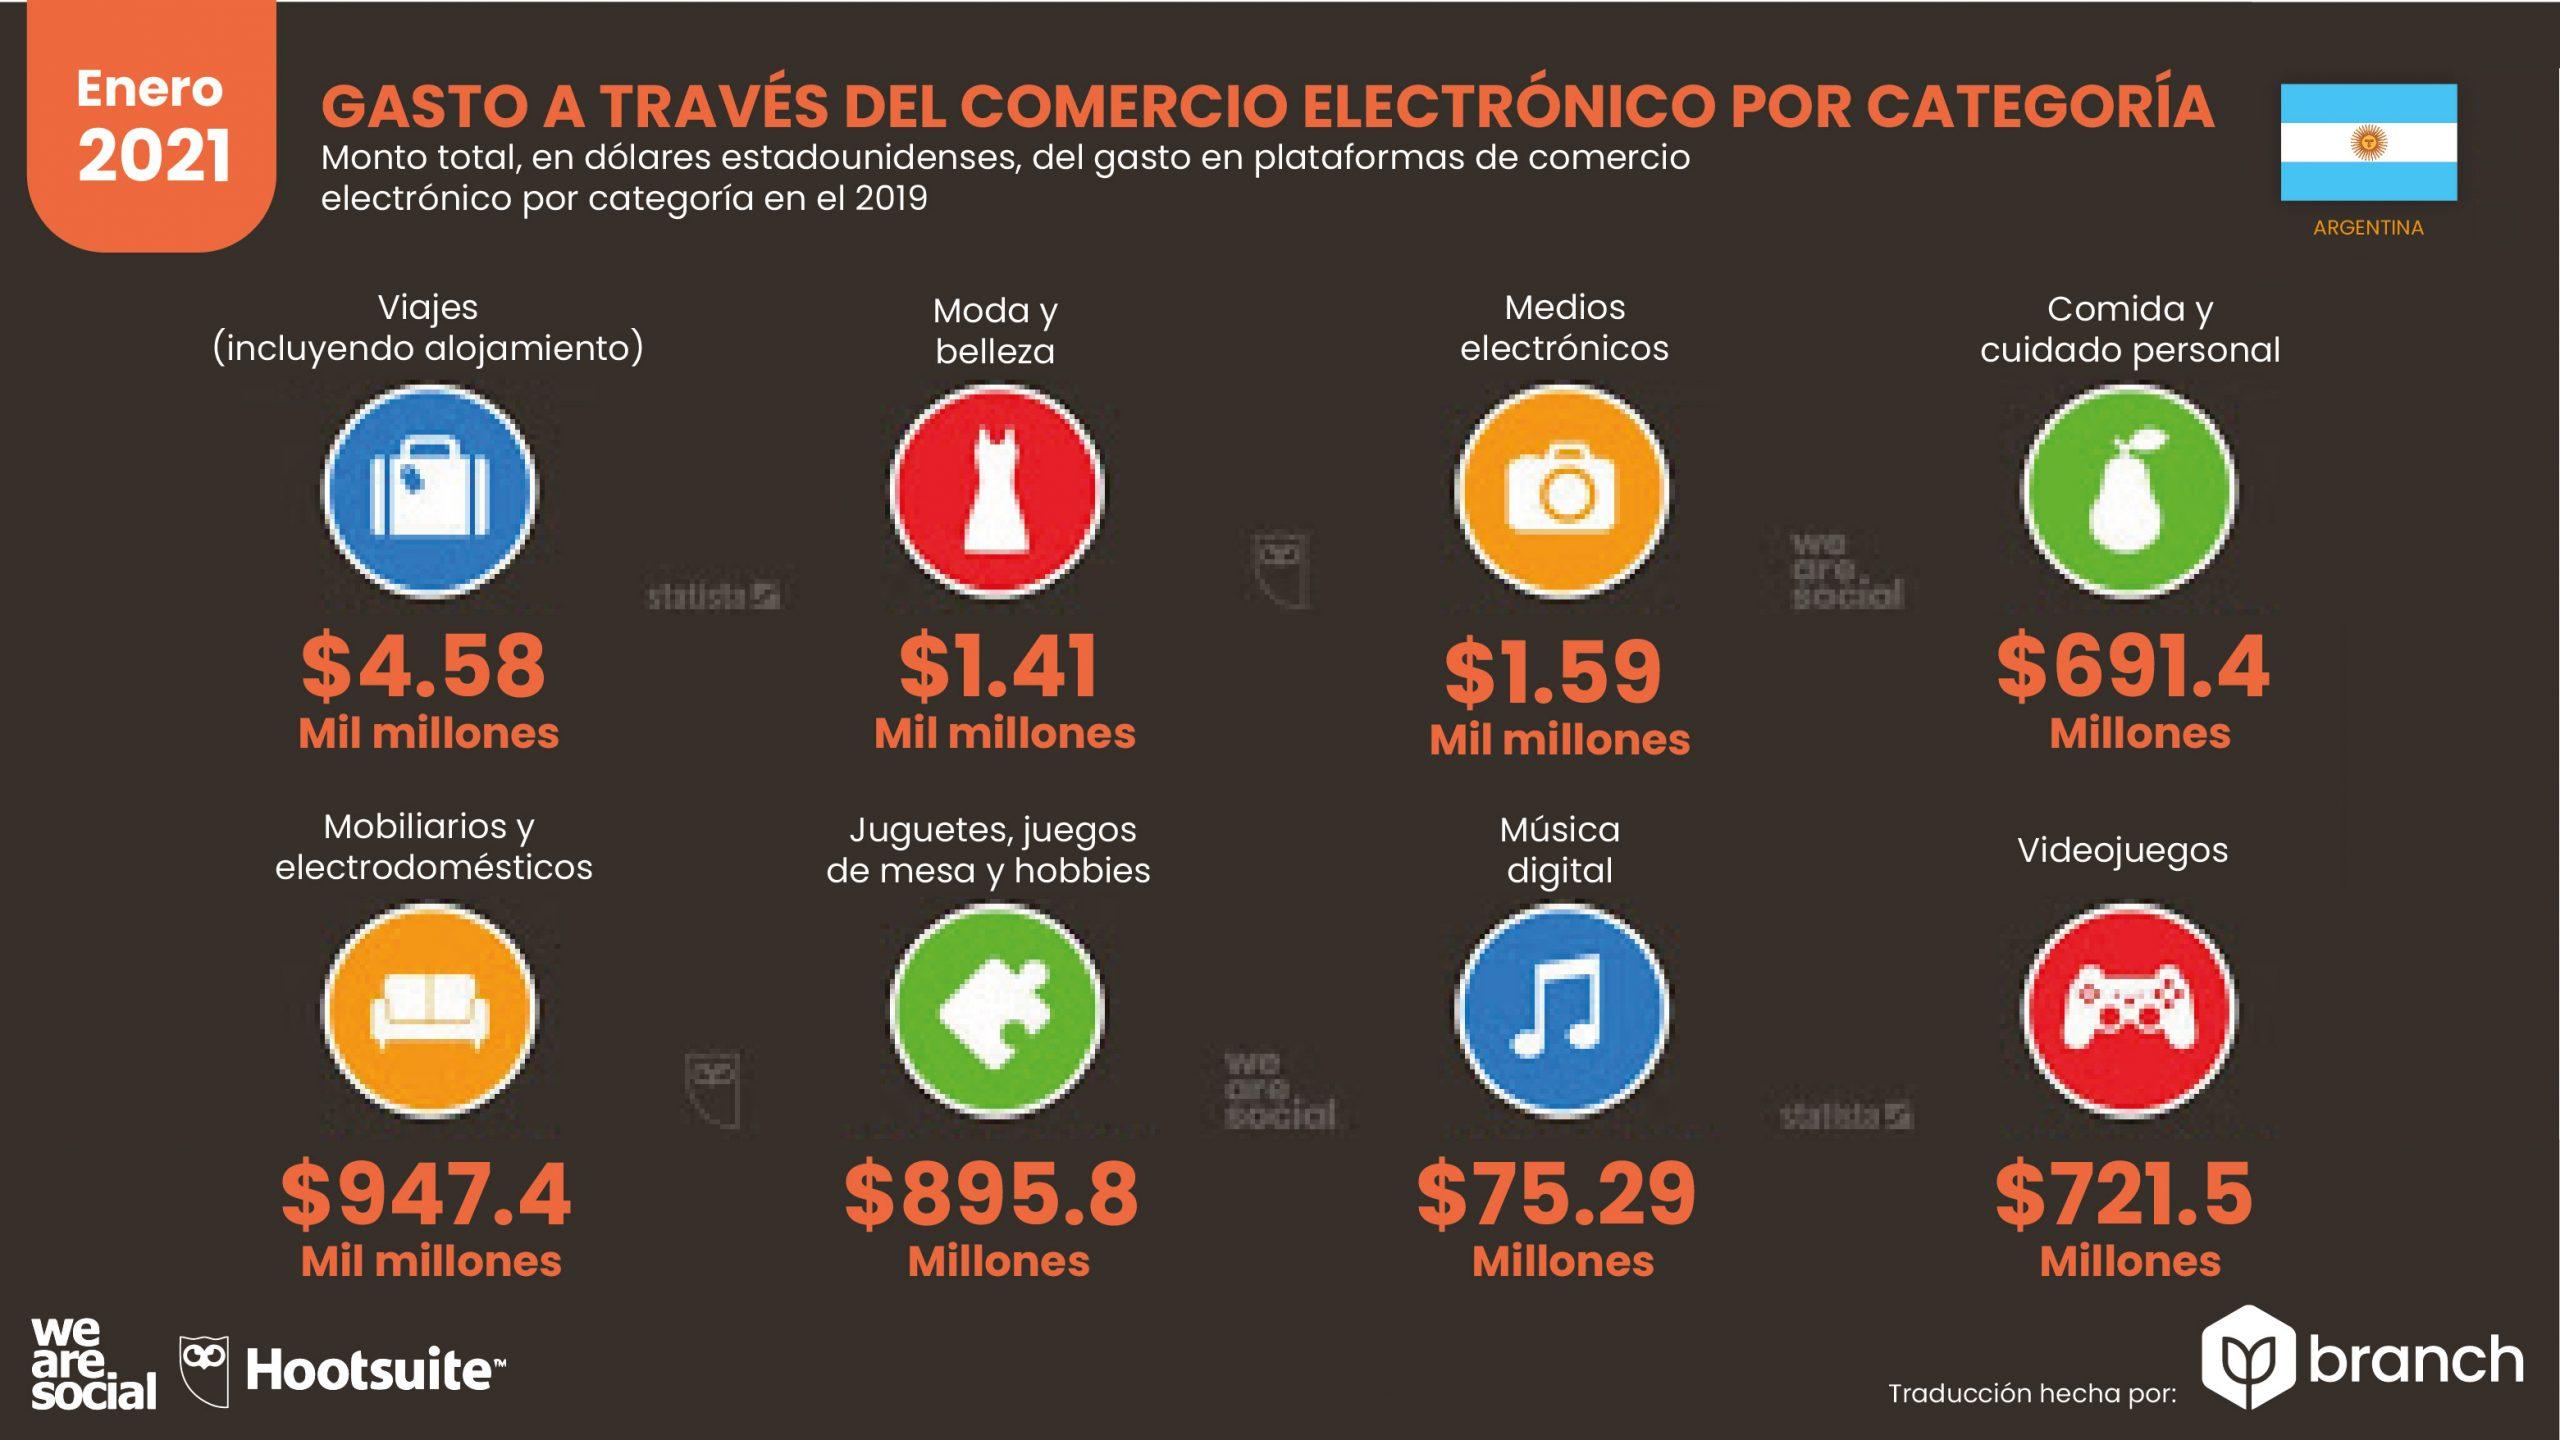 grafico-gastos-en-compras-ecommerce-argentina-2020-2021